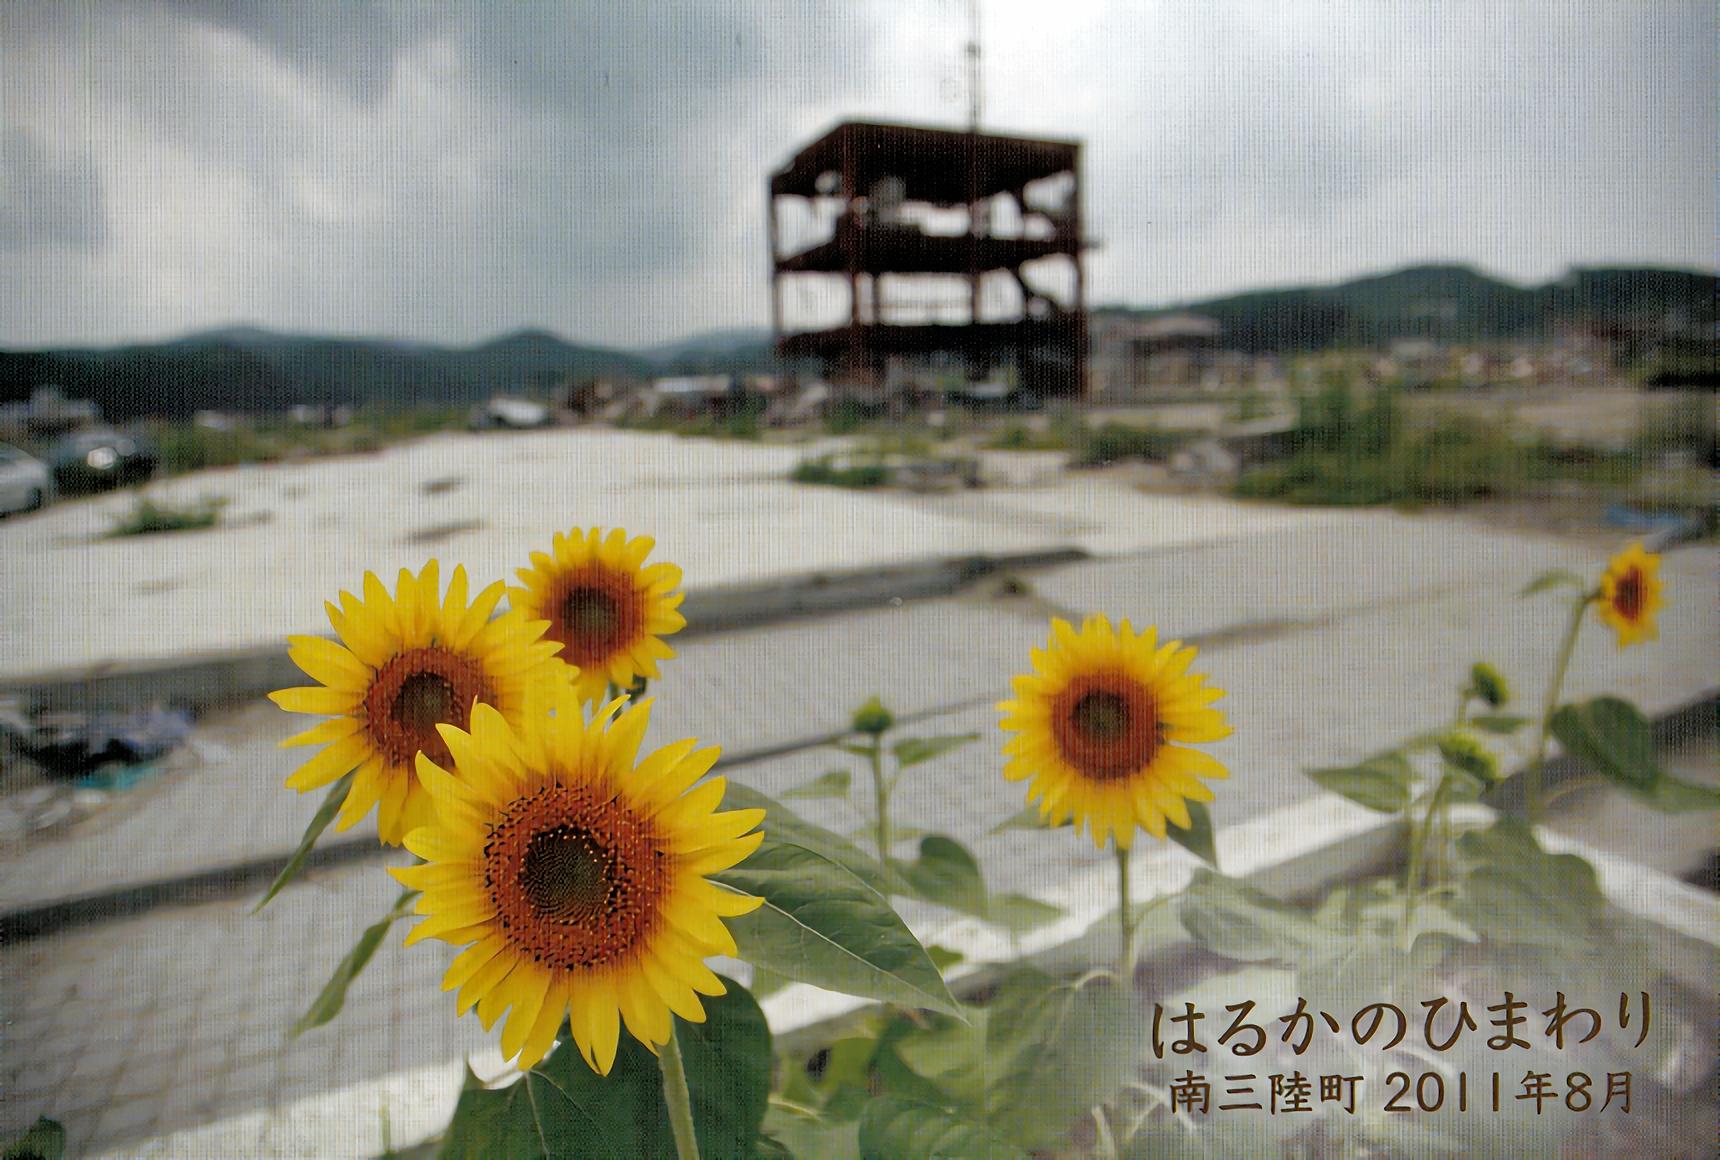 さて、本年度も松葉杖のカメラマン「シギー吉田」さんの「南三陸町に咲くはるかのひまわり」のポストカードも同封いたします。